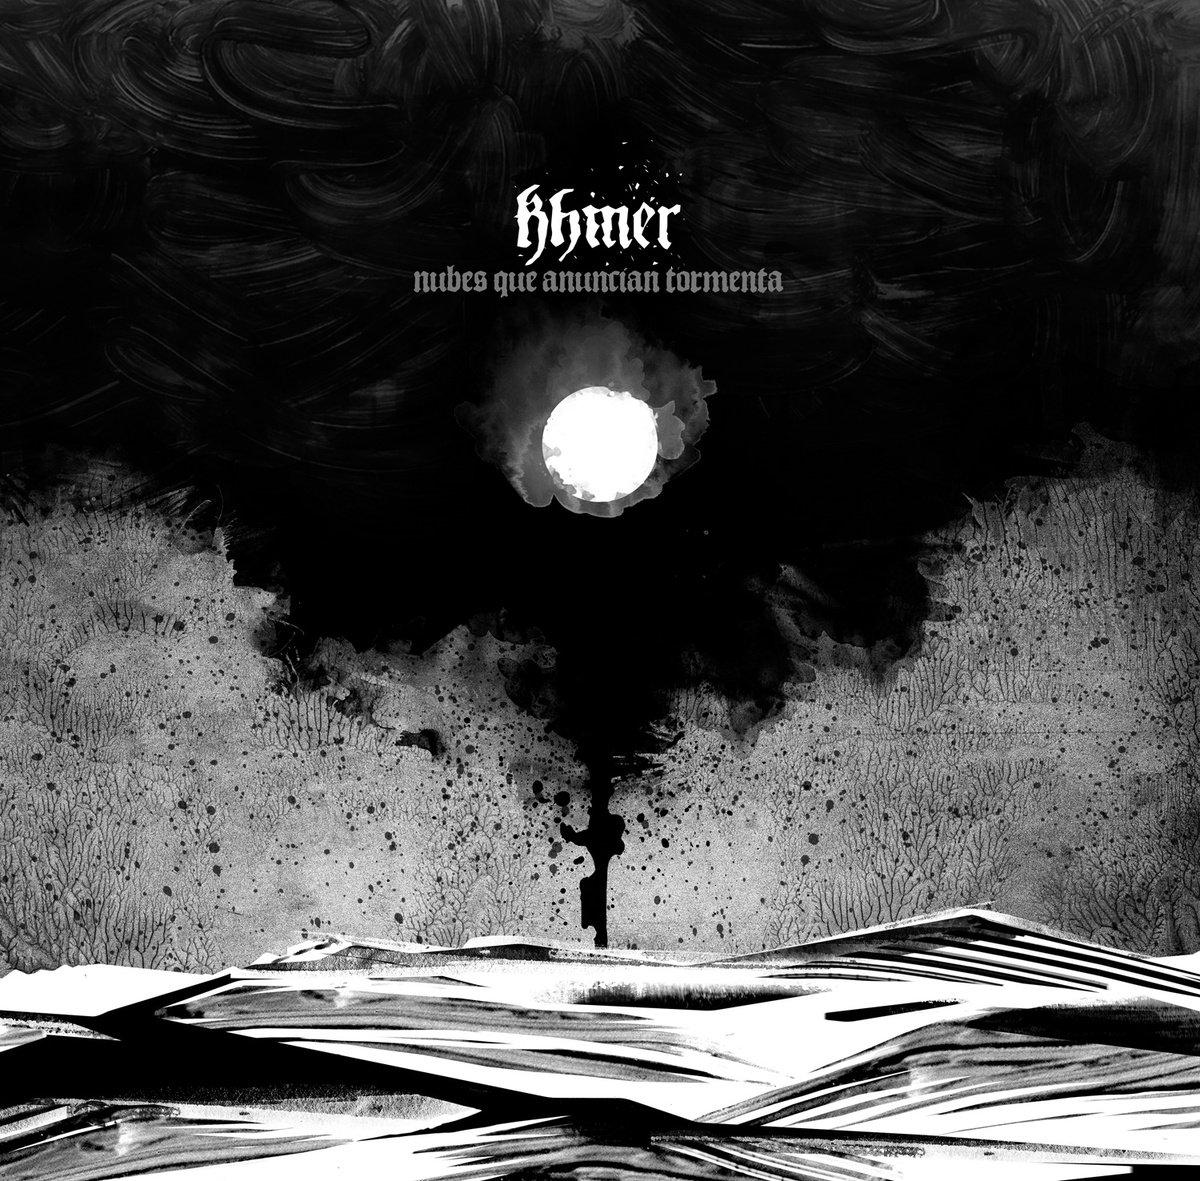 Khmer - Ya Nos Dieron Por Muertos @ 'Nubes Que Anuncian Tormenta' album (metal, spain)